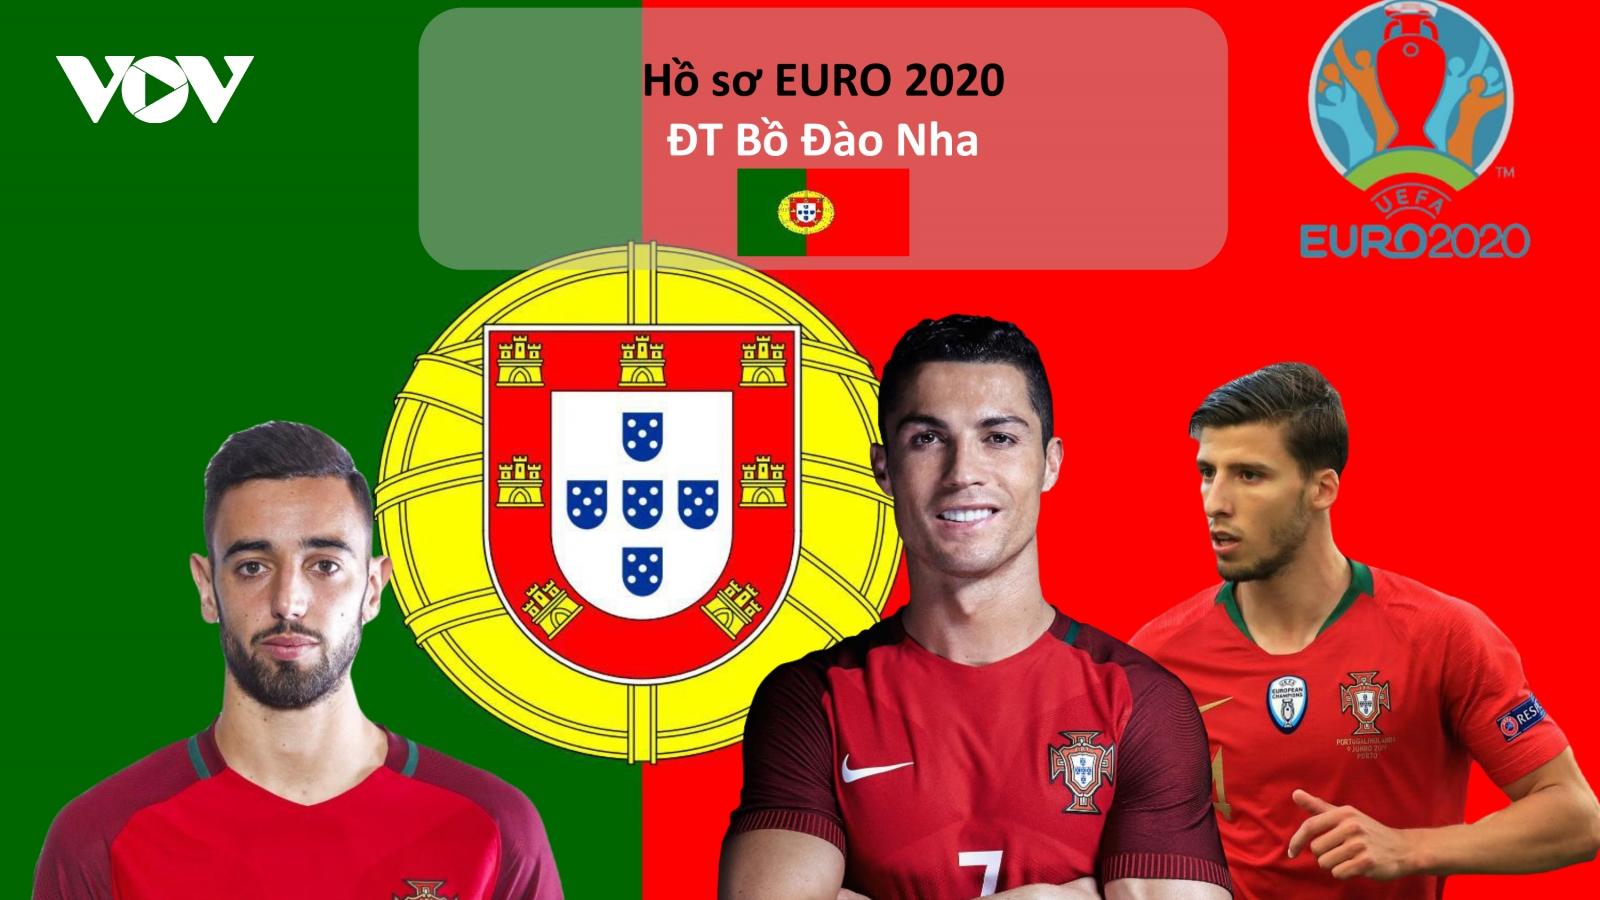 Hồ sơ các ĐT dự EURO 2020: Đội tuyển Bồ Đào Nha